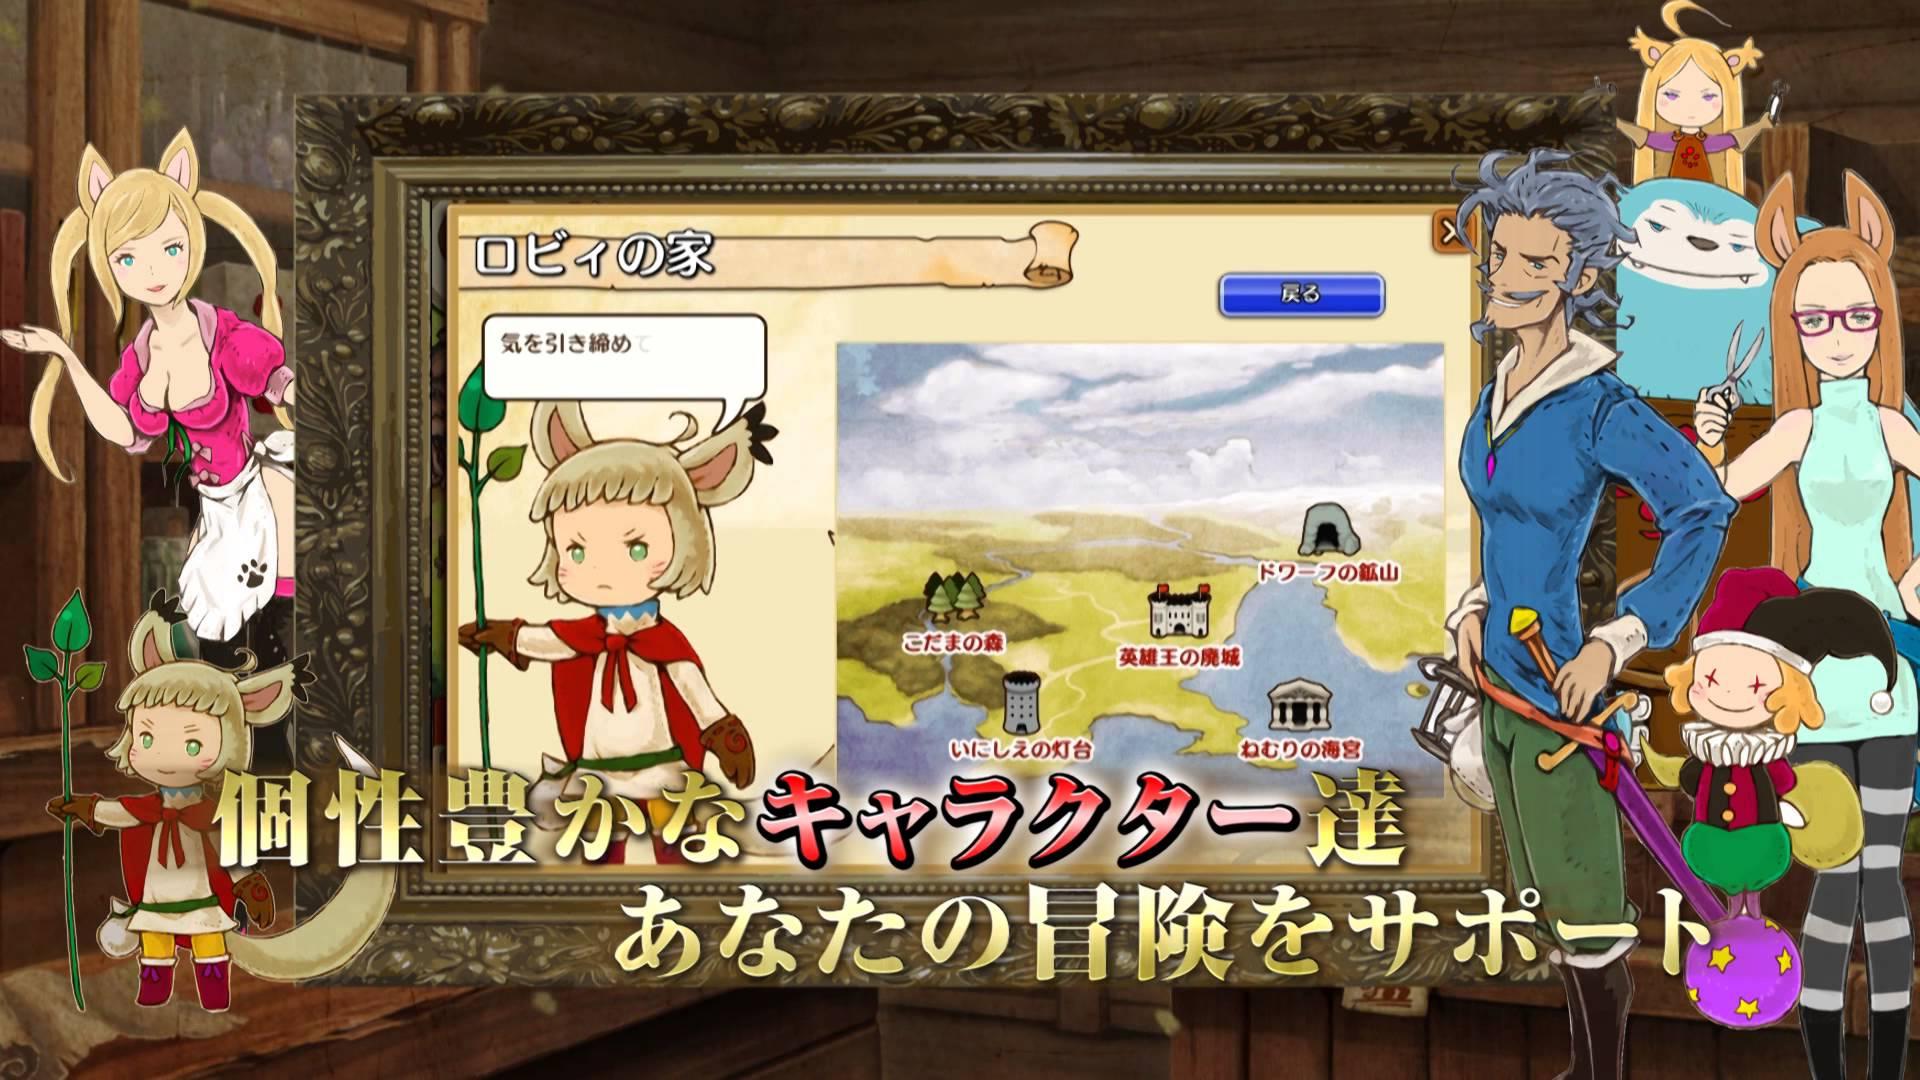 「千年勇者~時渡りのトモシビト」公式サイト